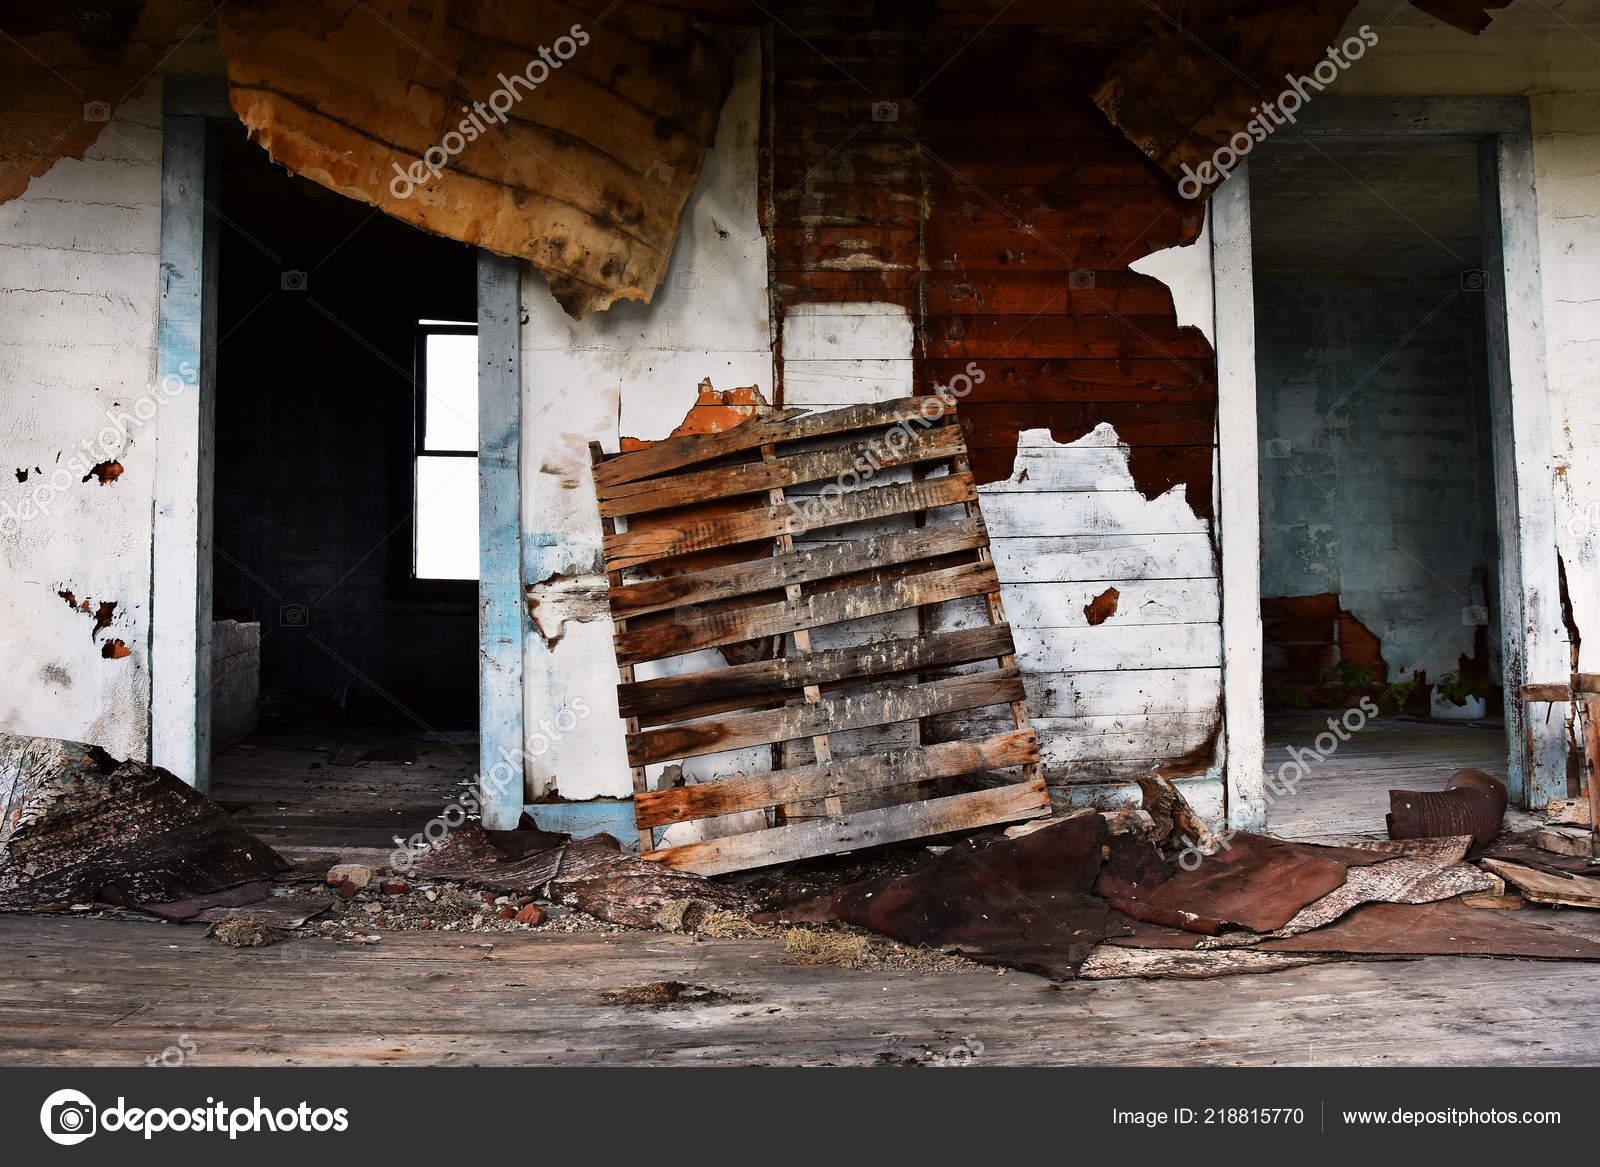 Image Interior Creepy Old Abandoned House Stock Photo C Shutterbug68 218815770